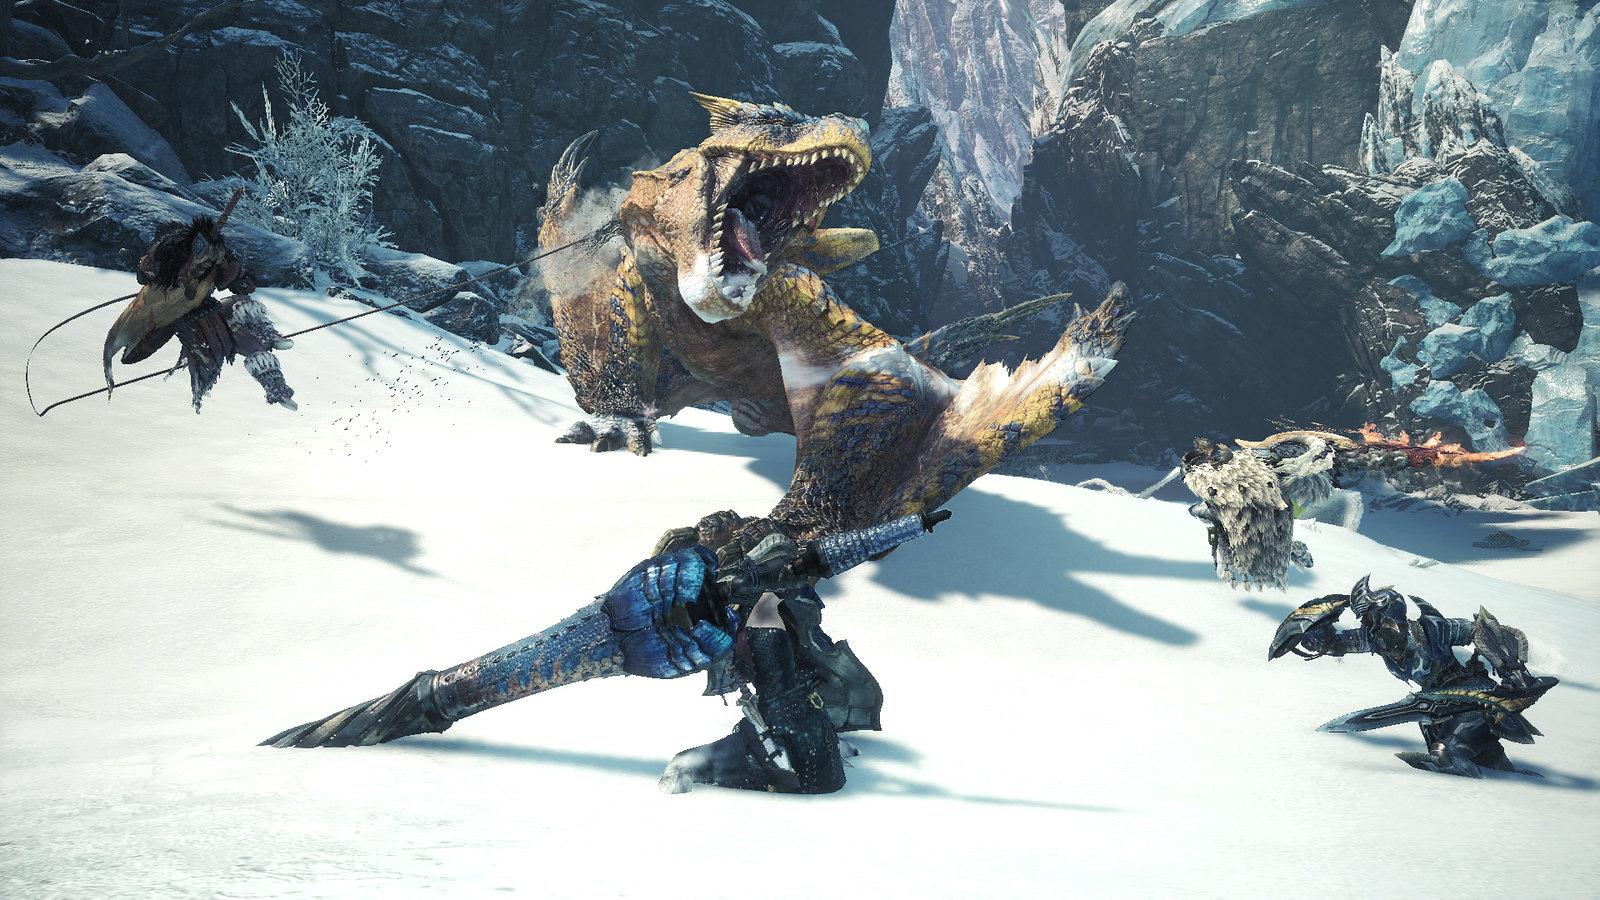 48087906757 bfba413f36 h - 8 coole Dinge, die ihr in der Monster Hunter World: Iceborne-Beta für PS4 machen könnt